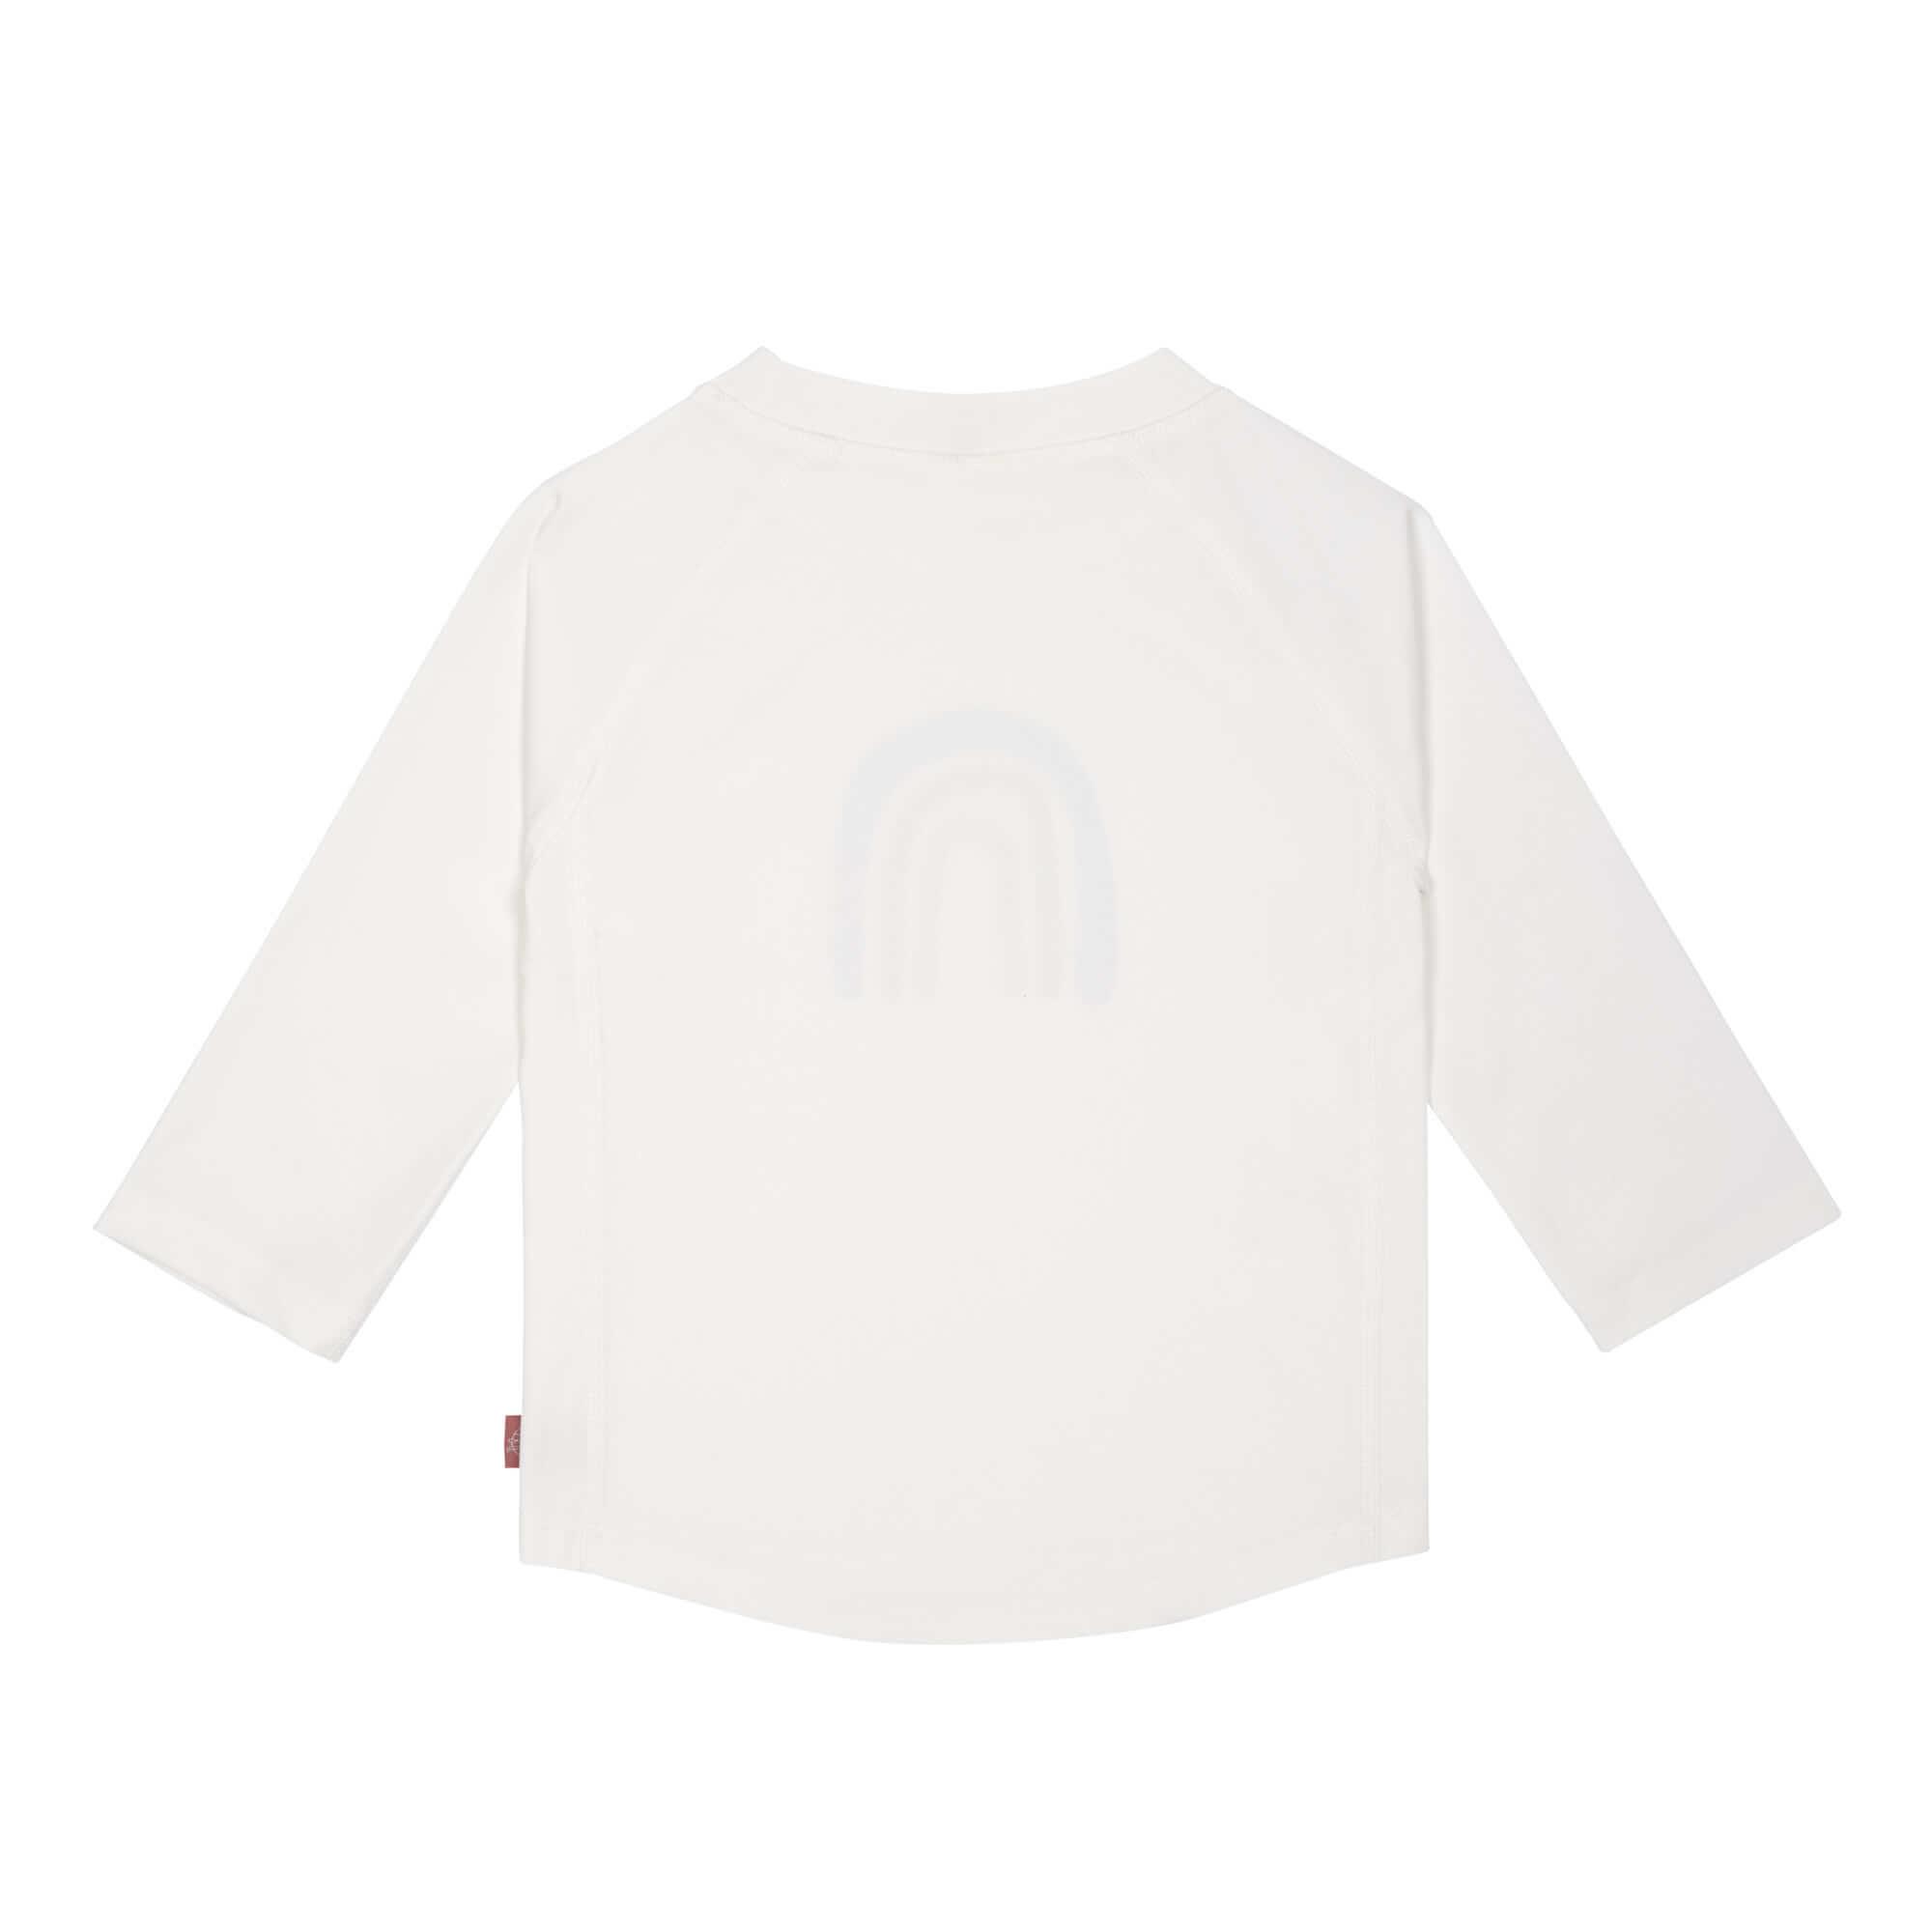 Lässig Lässig Splash & Fun Lange mouw Rashguard UV zwemshirt – Rainbow white